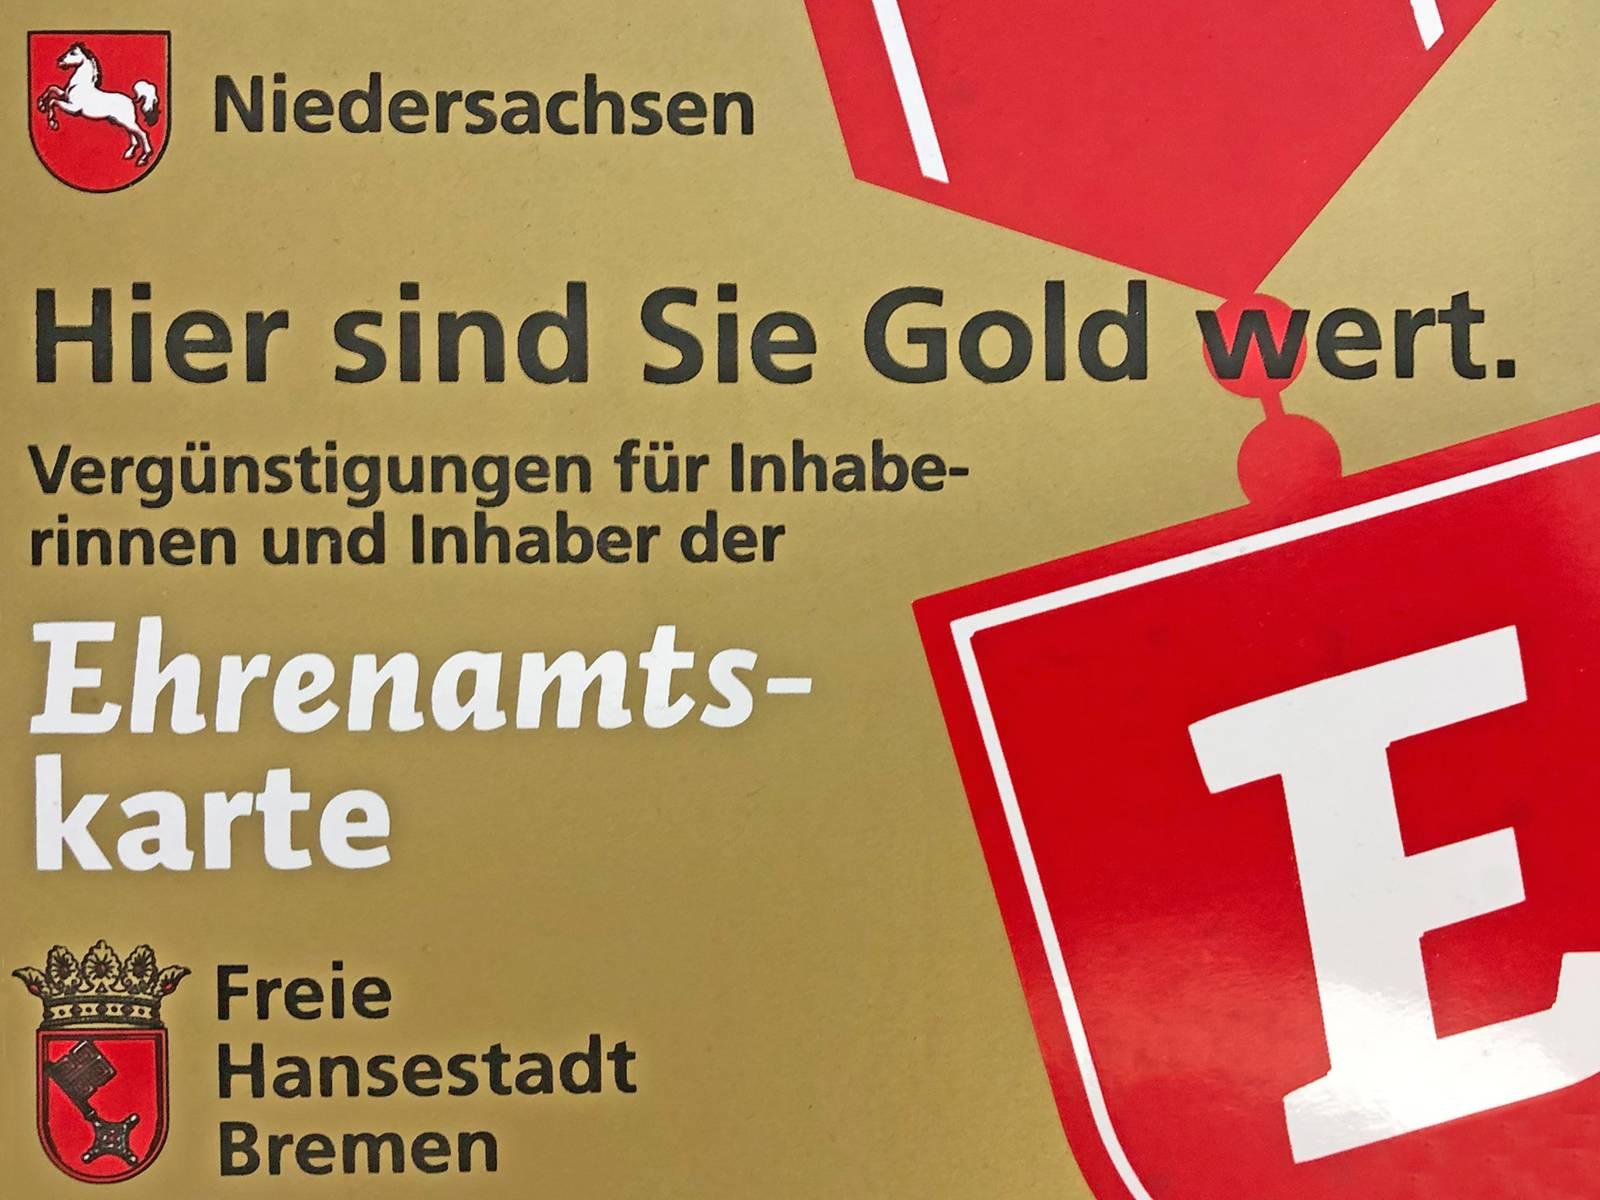 """Die goldfarbene Ehrenamtskarte ist so groß wie eine Scheckkarte und trägt die Aufschrift """"Hier sind Sie Gold wert - Vergüngstigungen für Inhaberinnen und Inhaber der Ehrenamtskarte""""."""